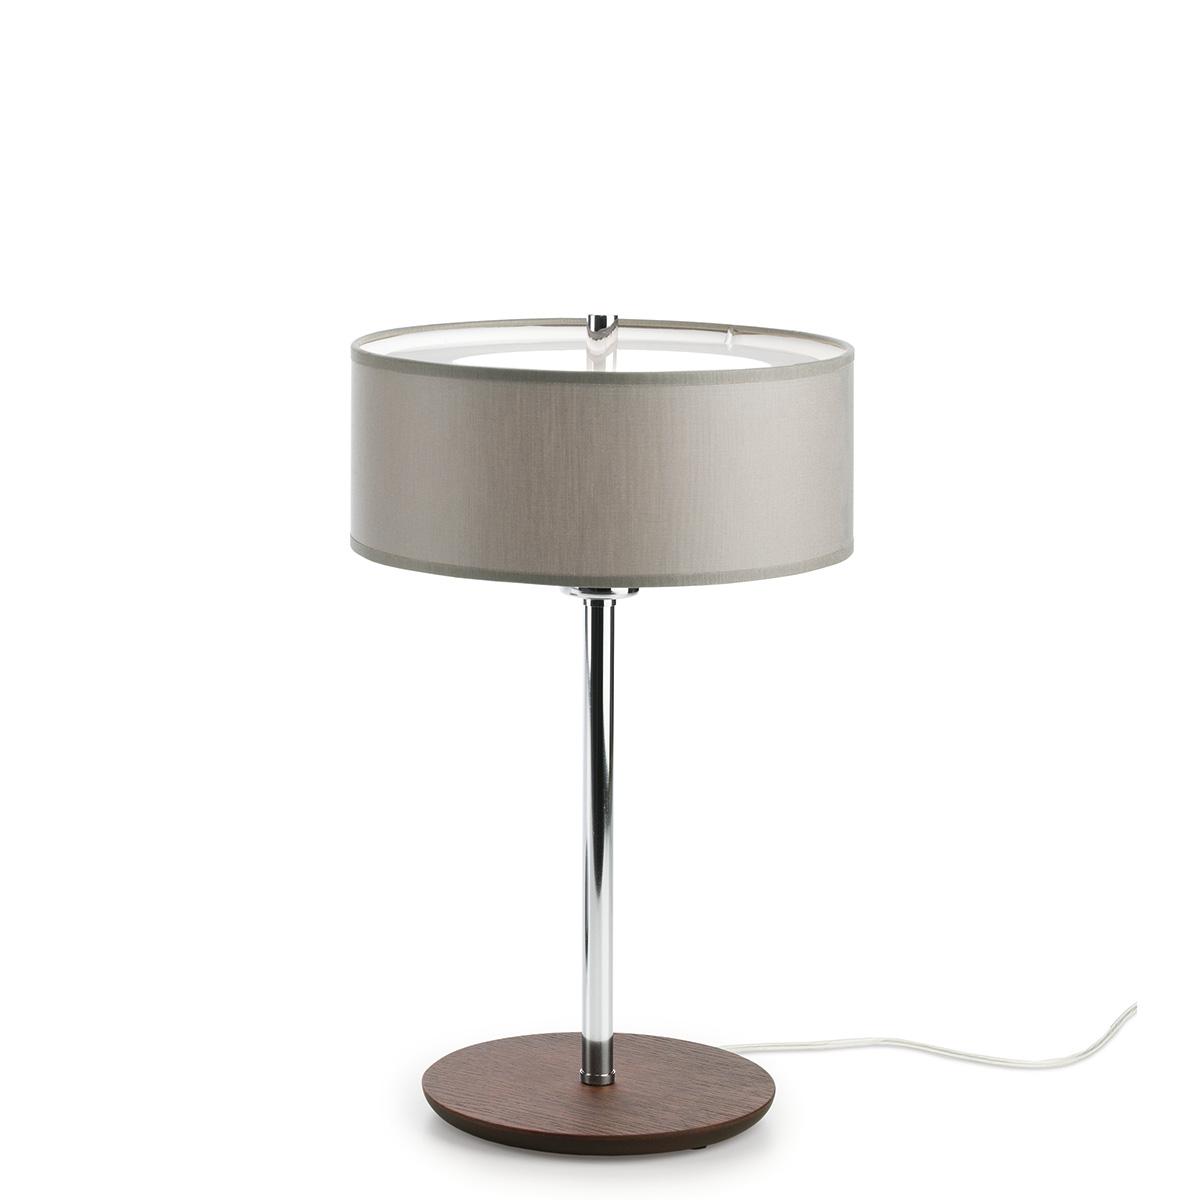 Επιτραπέζιο φωτιστικό OVNI table lamp with shade